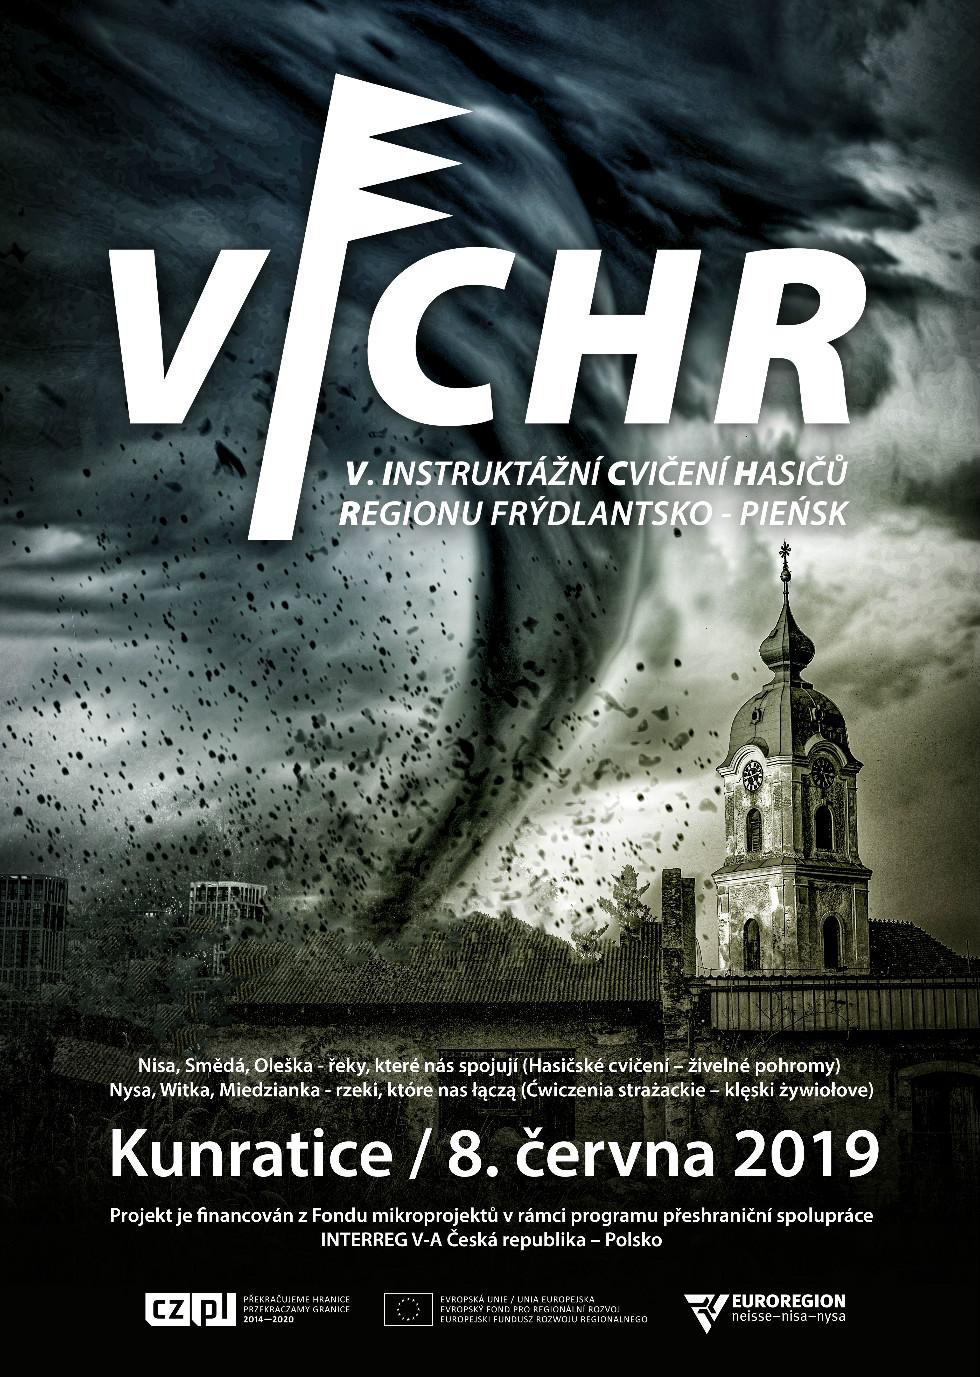 Plakat o ćwiczeniach OSP - VICHR